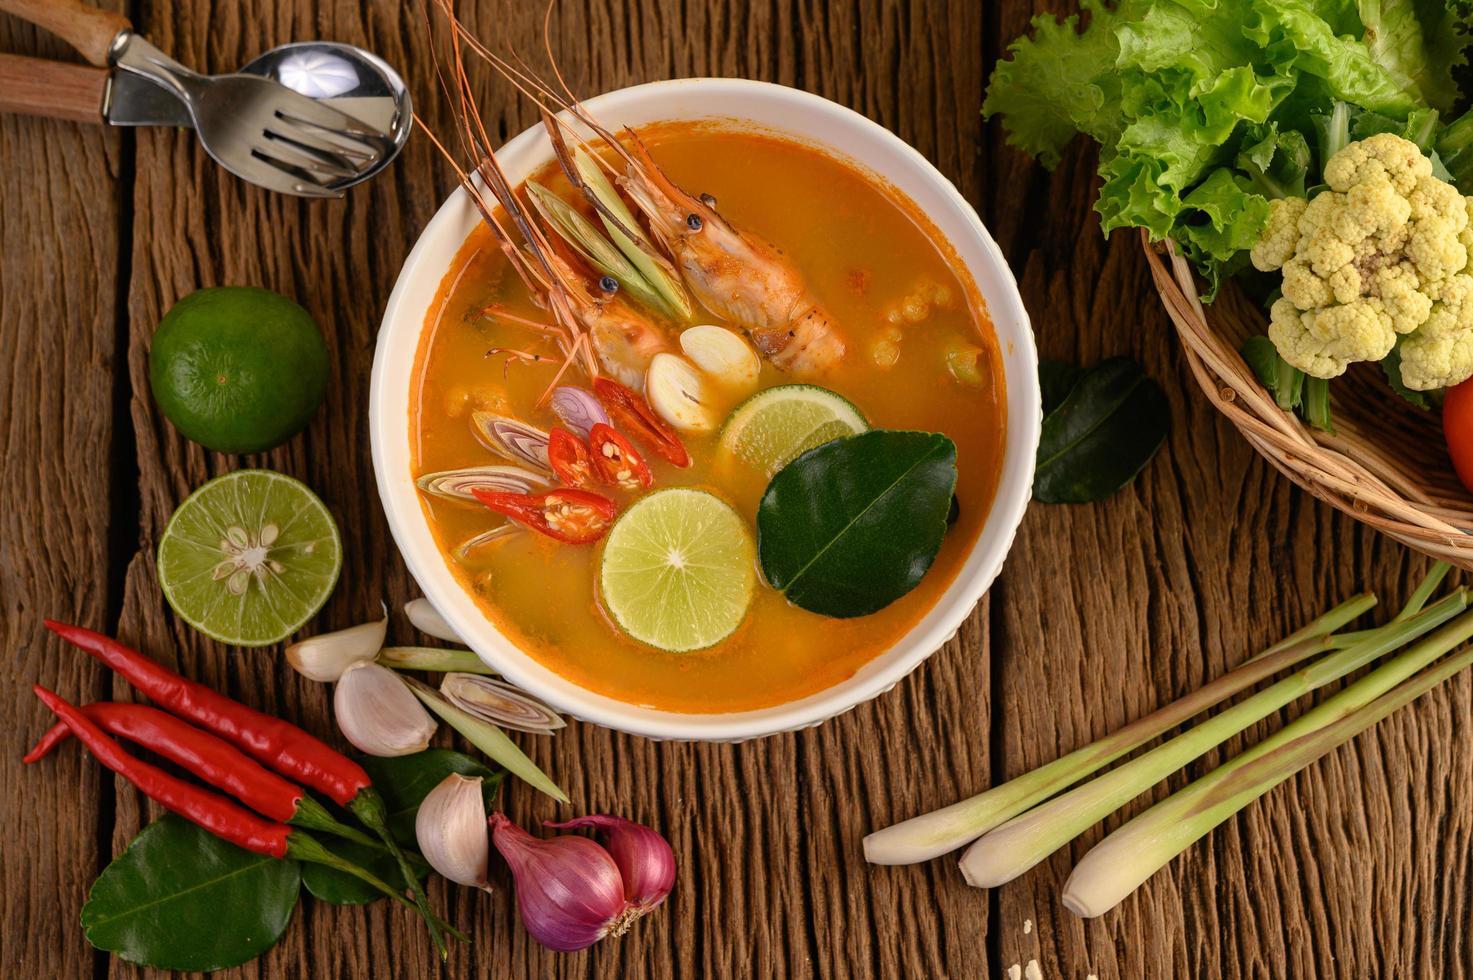 zuppa tailandese calda e piccante tom yum kung foto